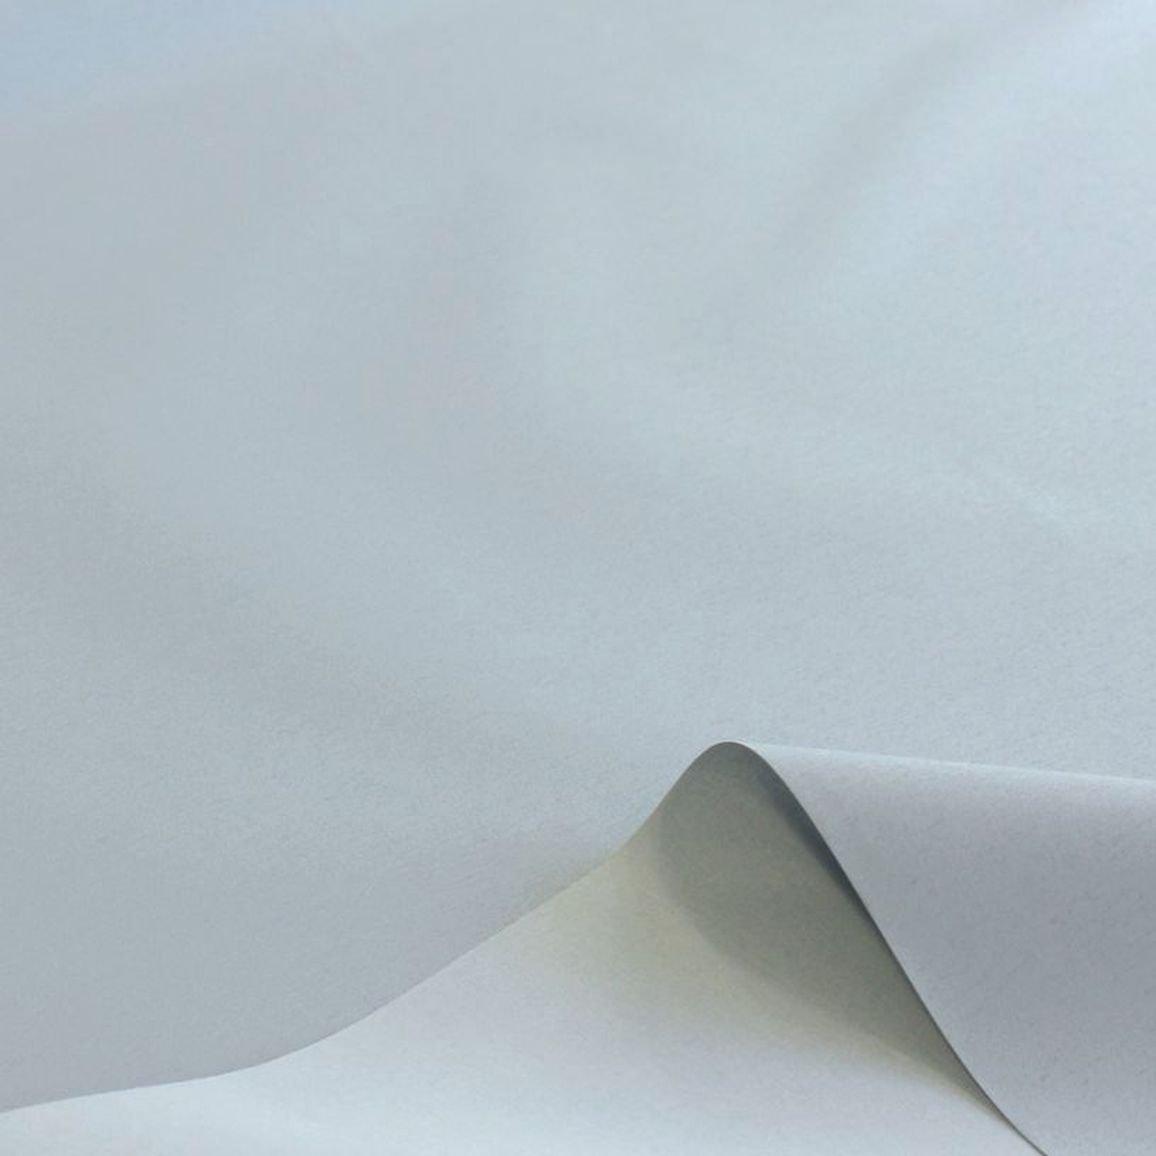 Planen- Zelt- u Sonnenschirmstoff mit UV-Schutz - wasserdicht farbecht - Meterware am Stück (Breite: 170 cm | leicht) Hell Grau TOLKO Stoffe